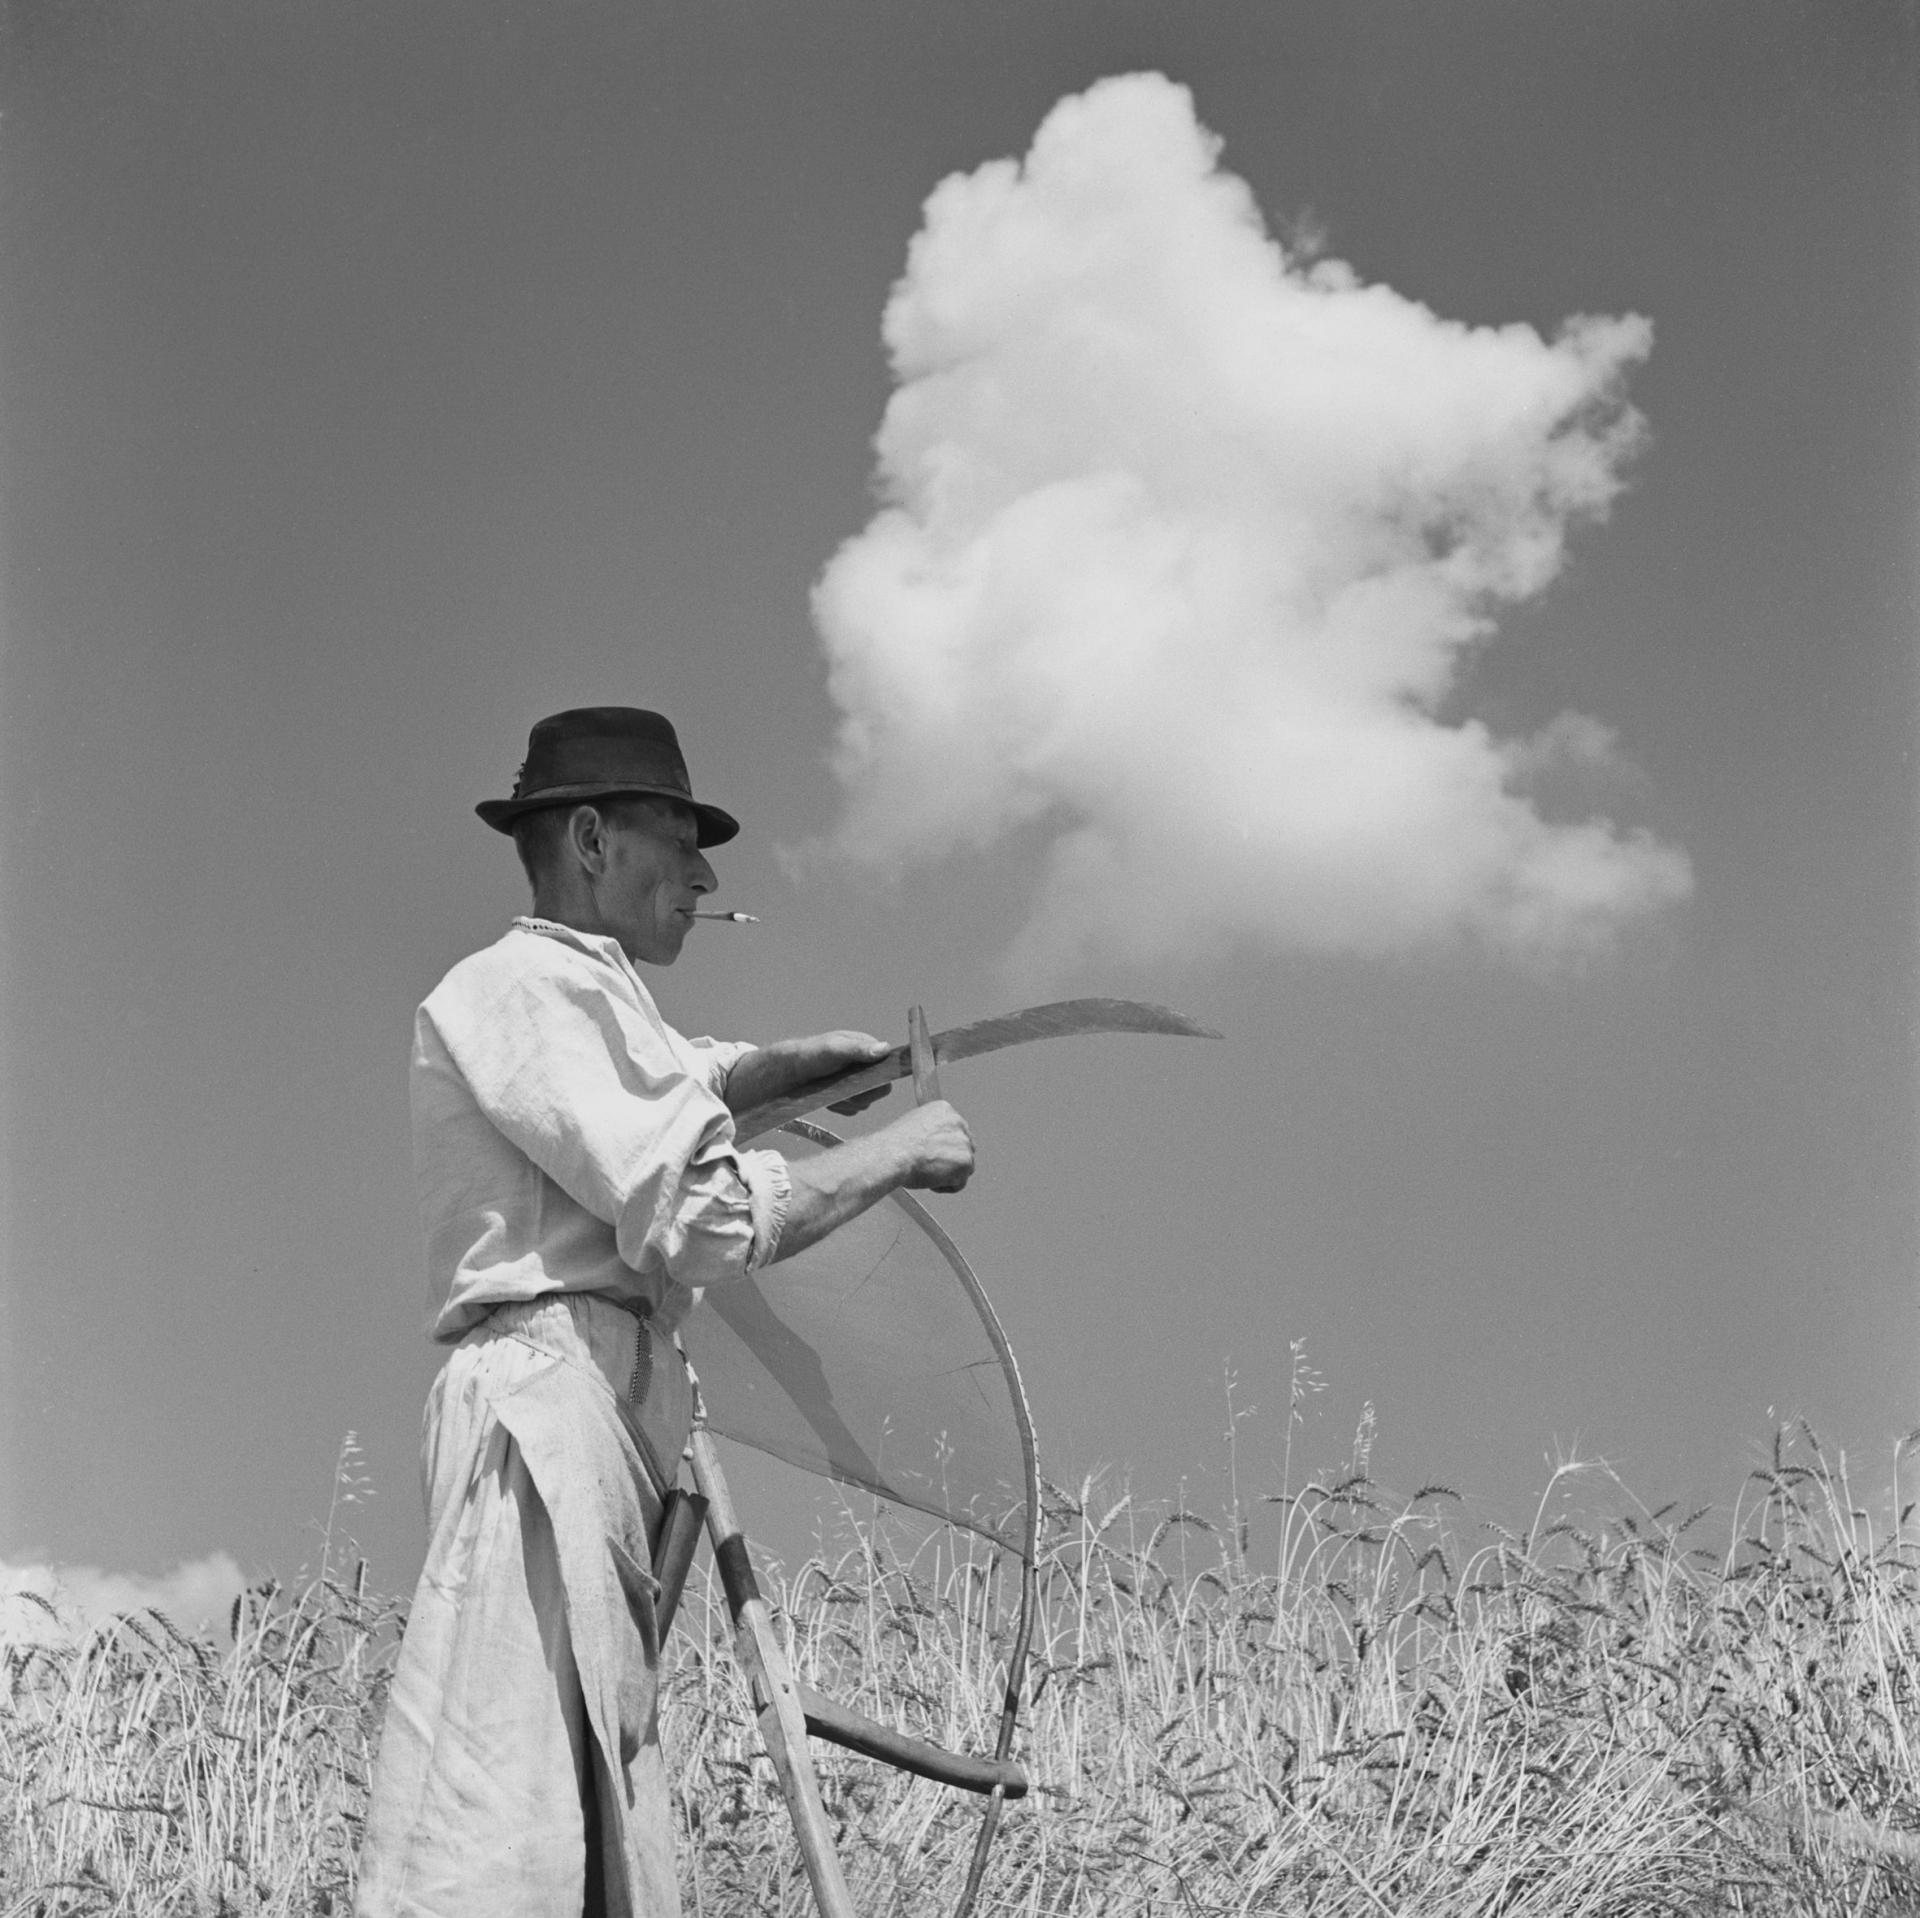 Výstava fotografií: Ferdinand Bučina – Letní retrospektiva